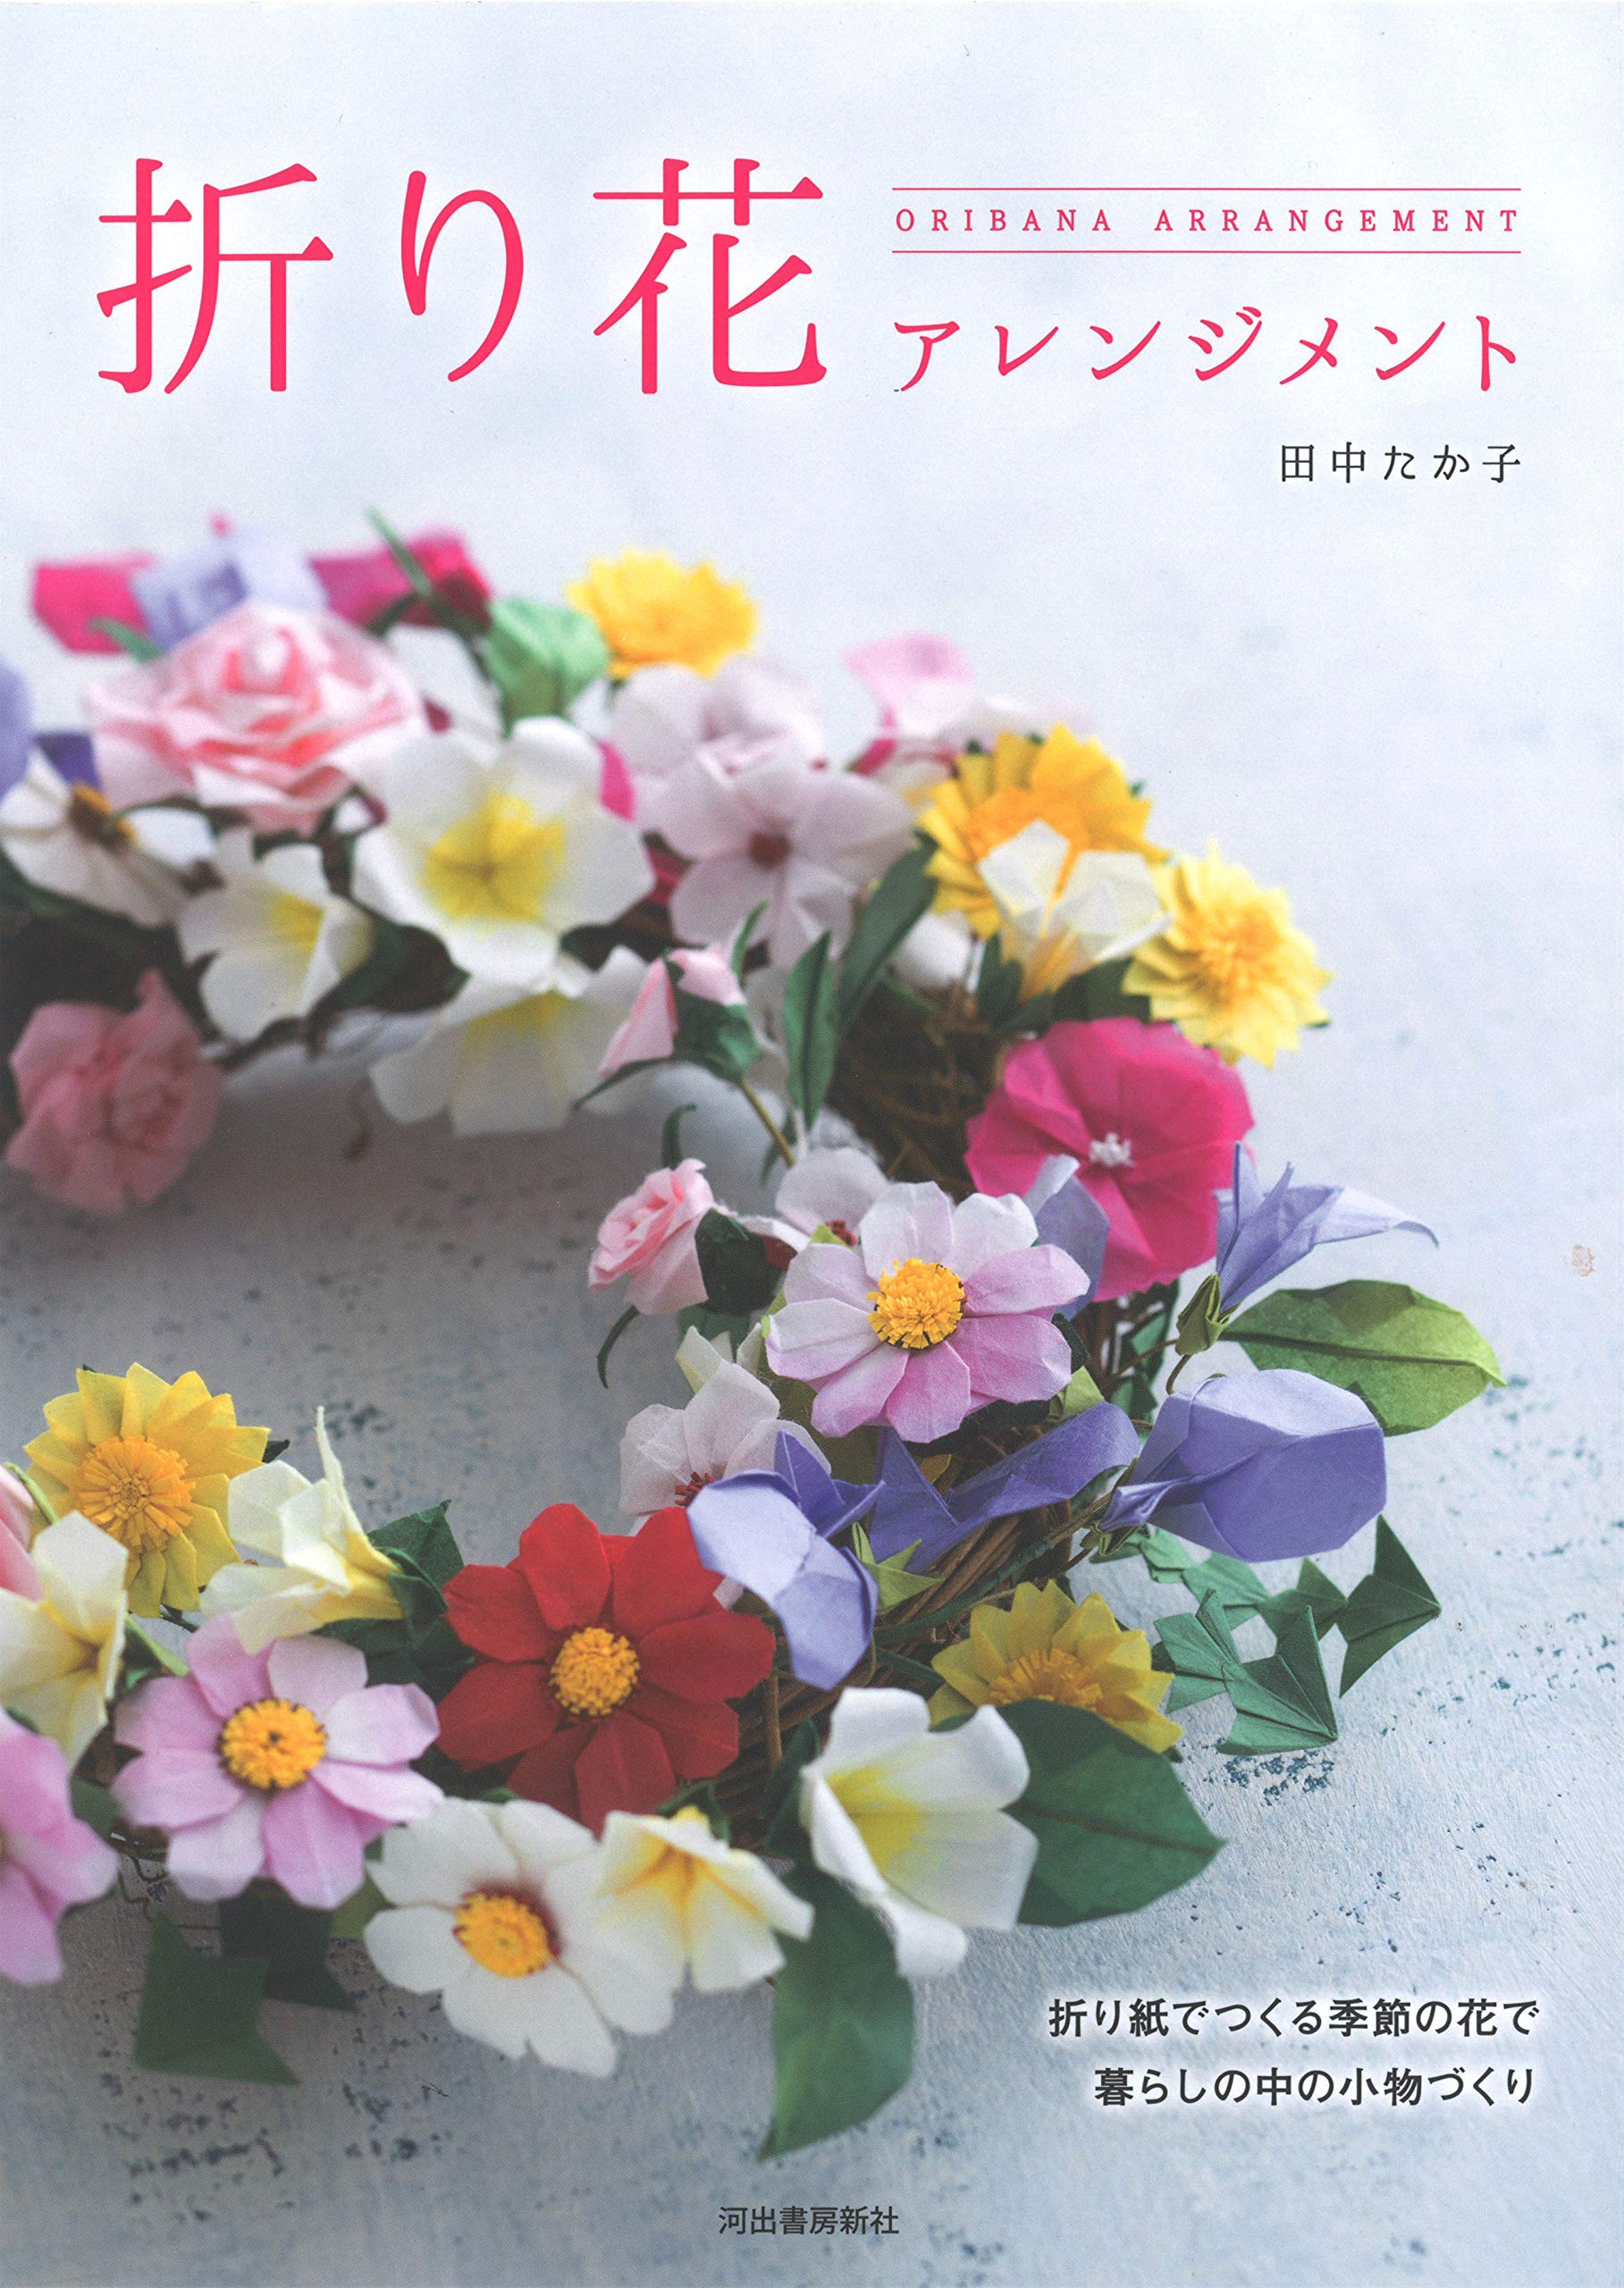 Folding flower arrangement